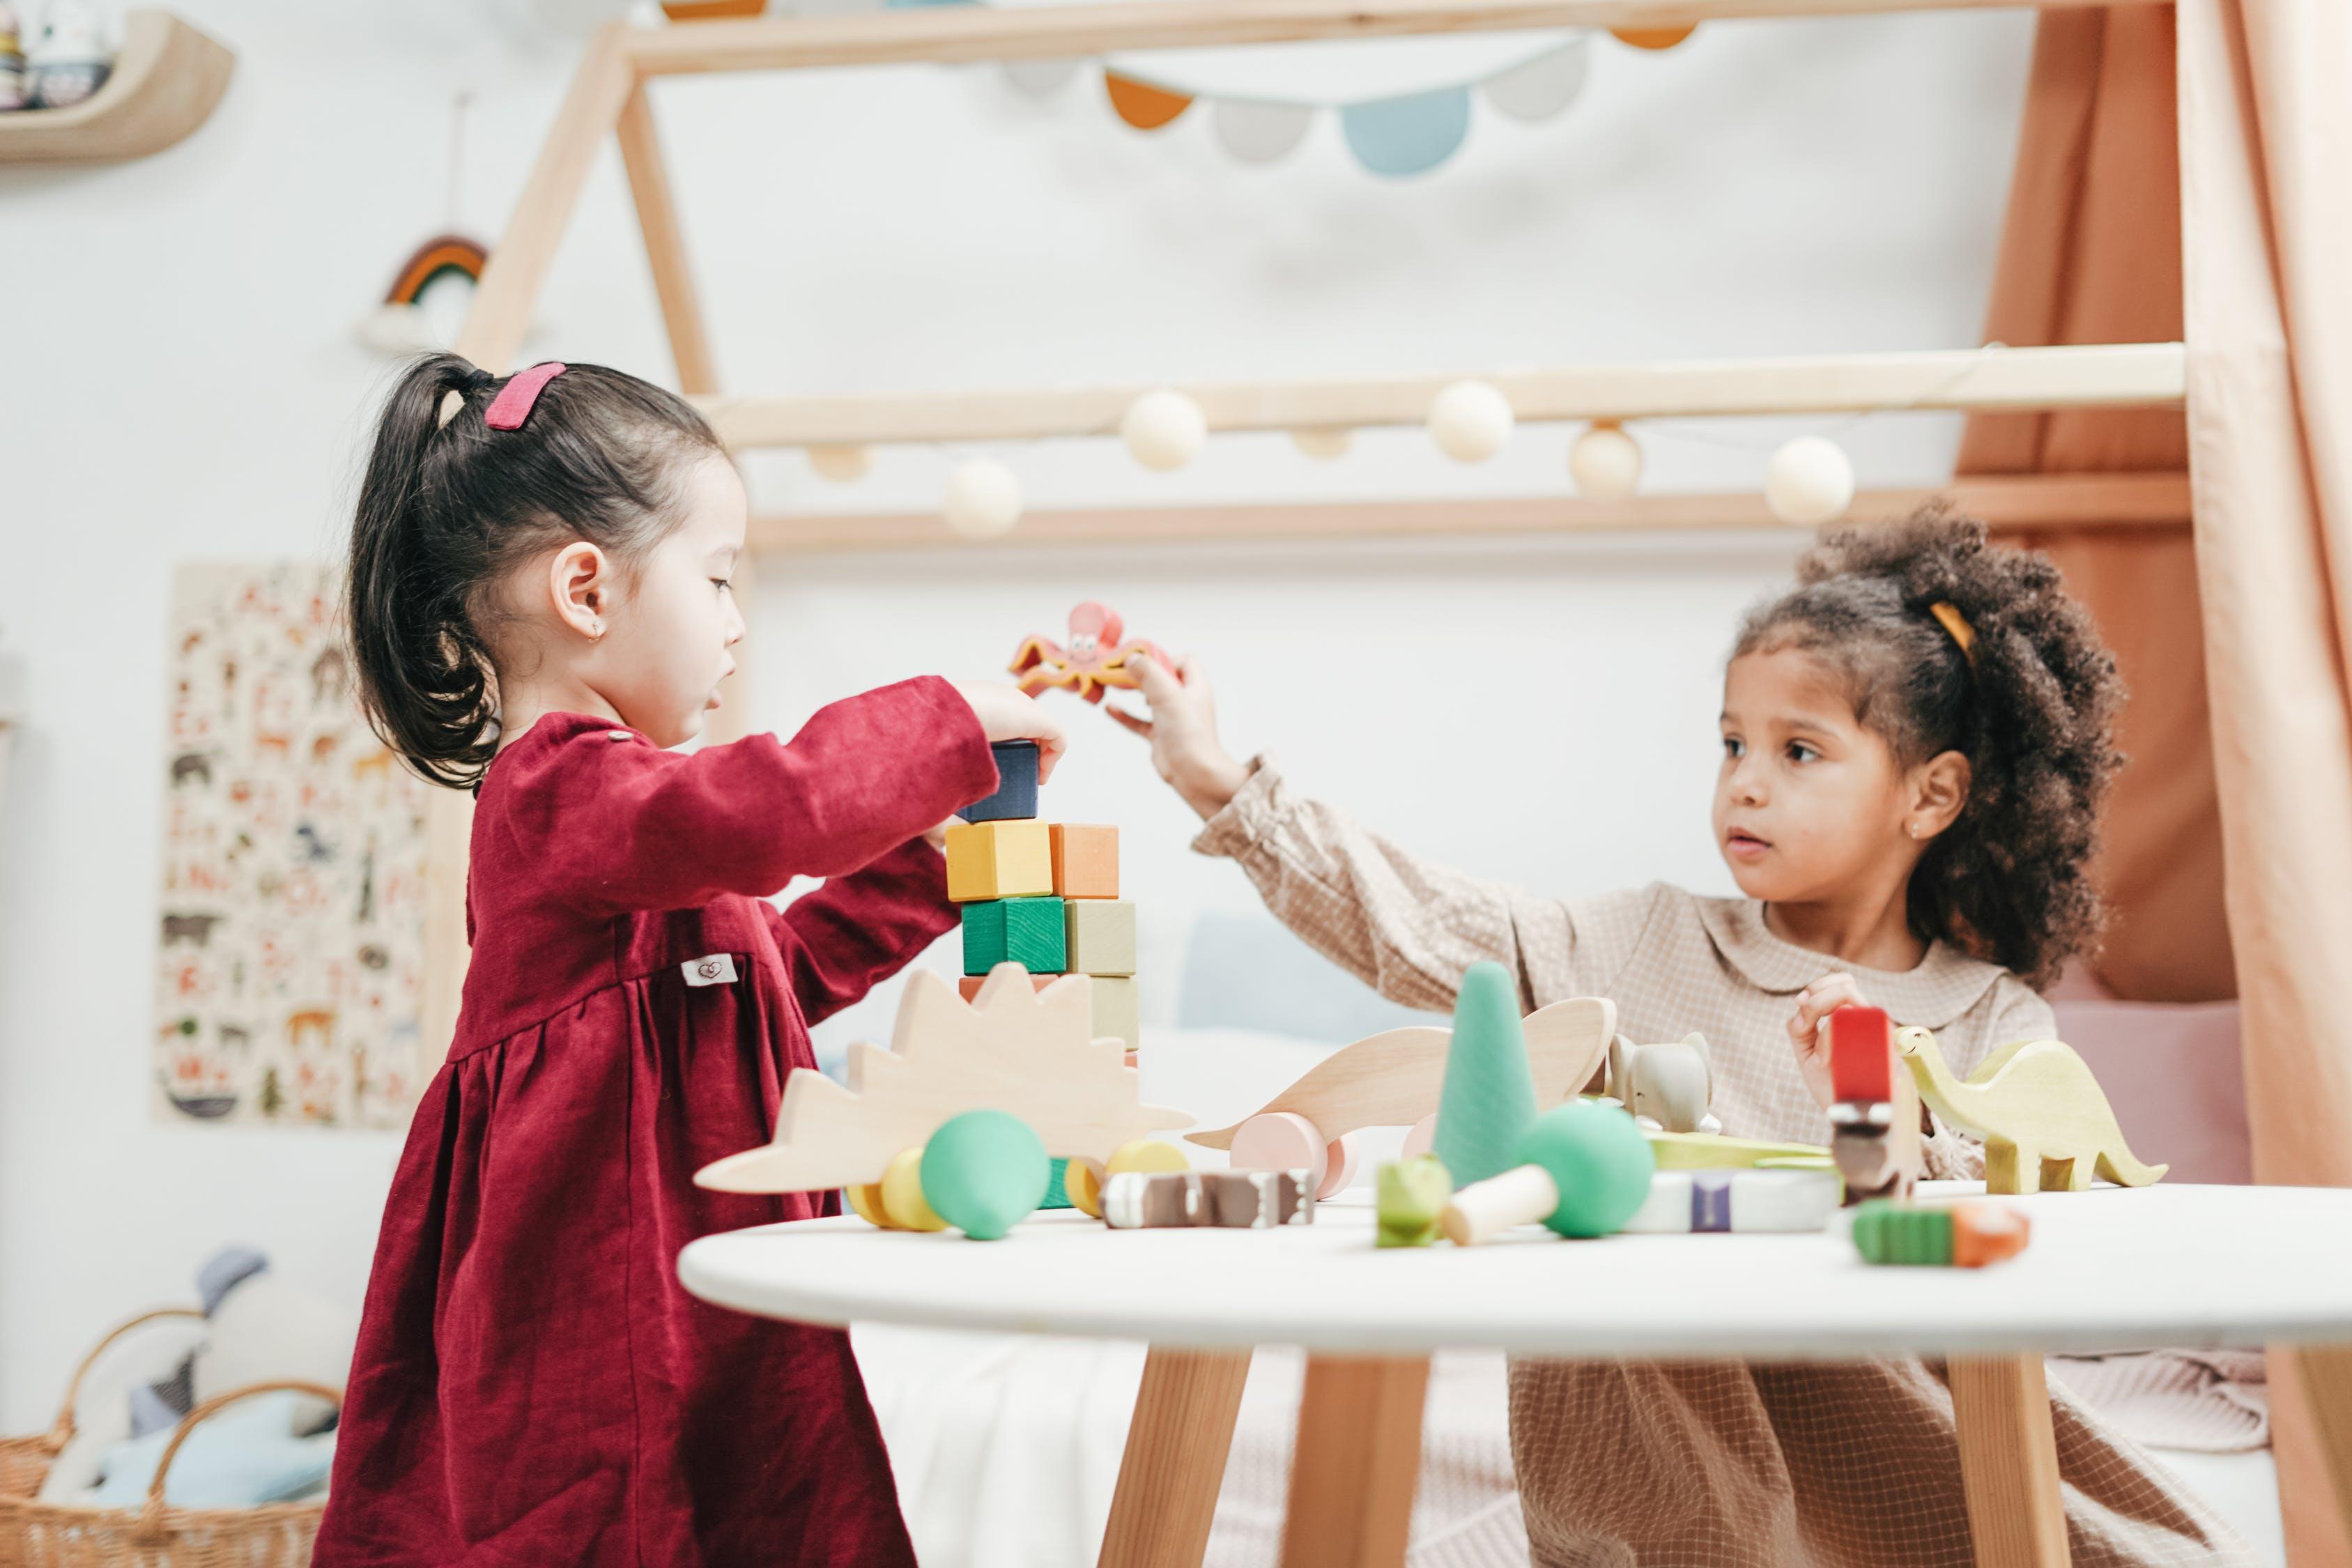 Исследования показали, что упрямый и своенравный ребёнок может оказаться успешнее послушных детей